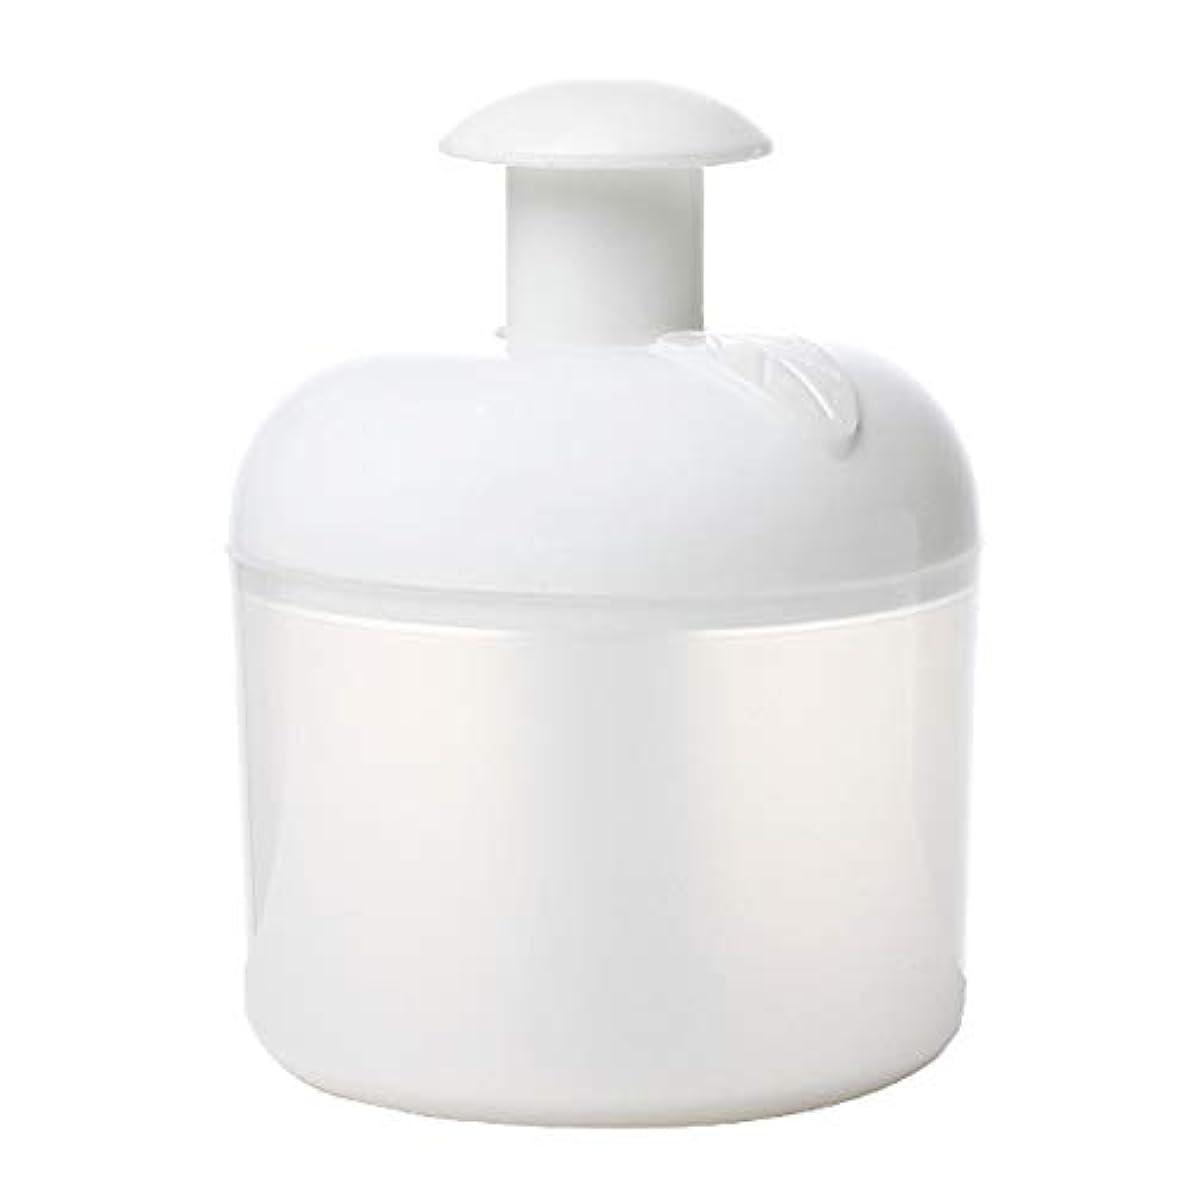 パリティしたいヒップバブラー フェイシャルフォームメーカー バブルメーカーカップ フェイシャルスキンケ アクレンジングツール 洗顔用 白